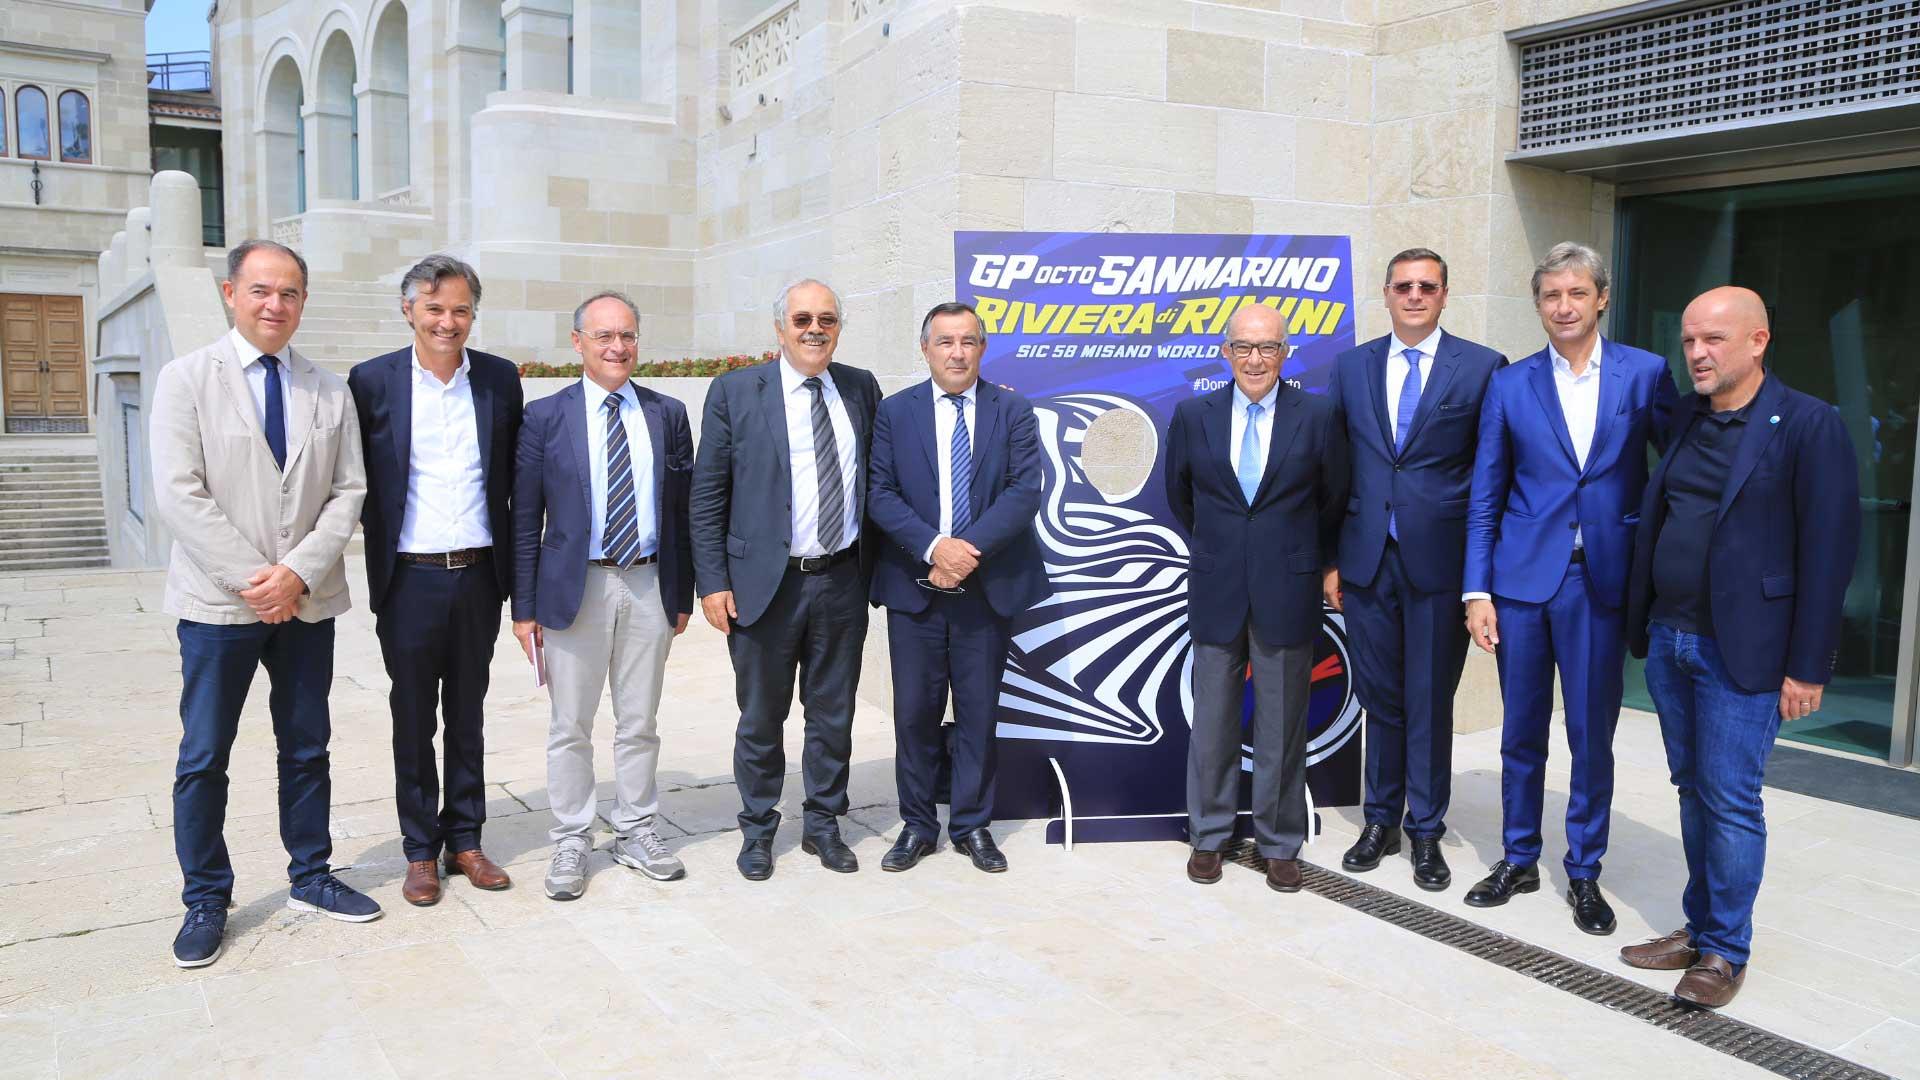 MotoGP, il Gran Premio di San Marino e della Riviera di Rimini resterà a Misano per altri tre anni.